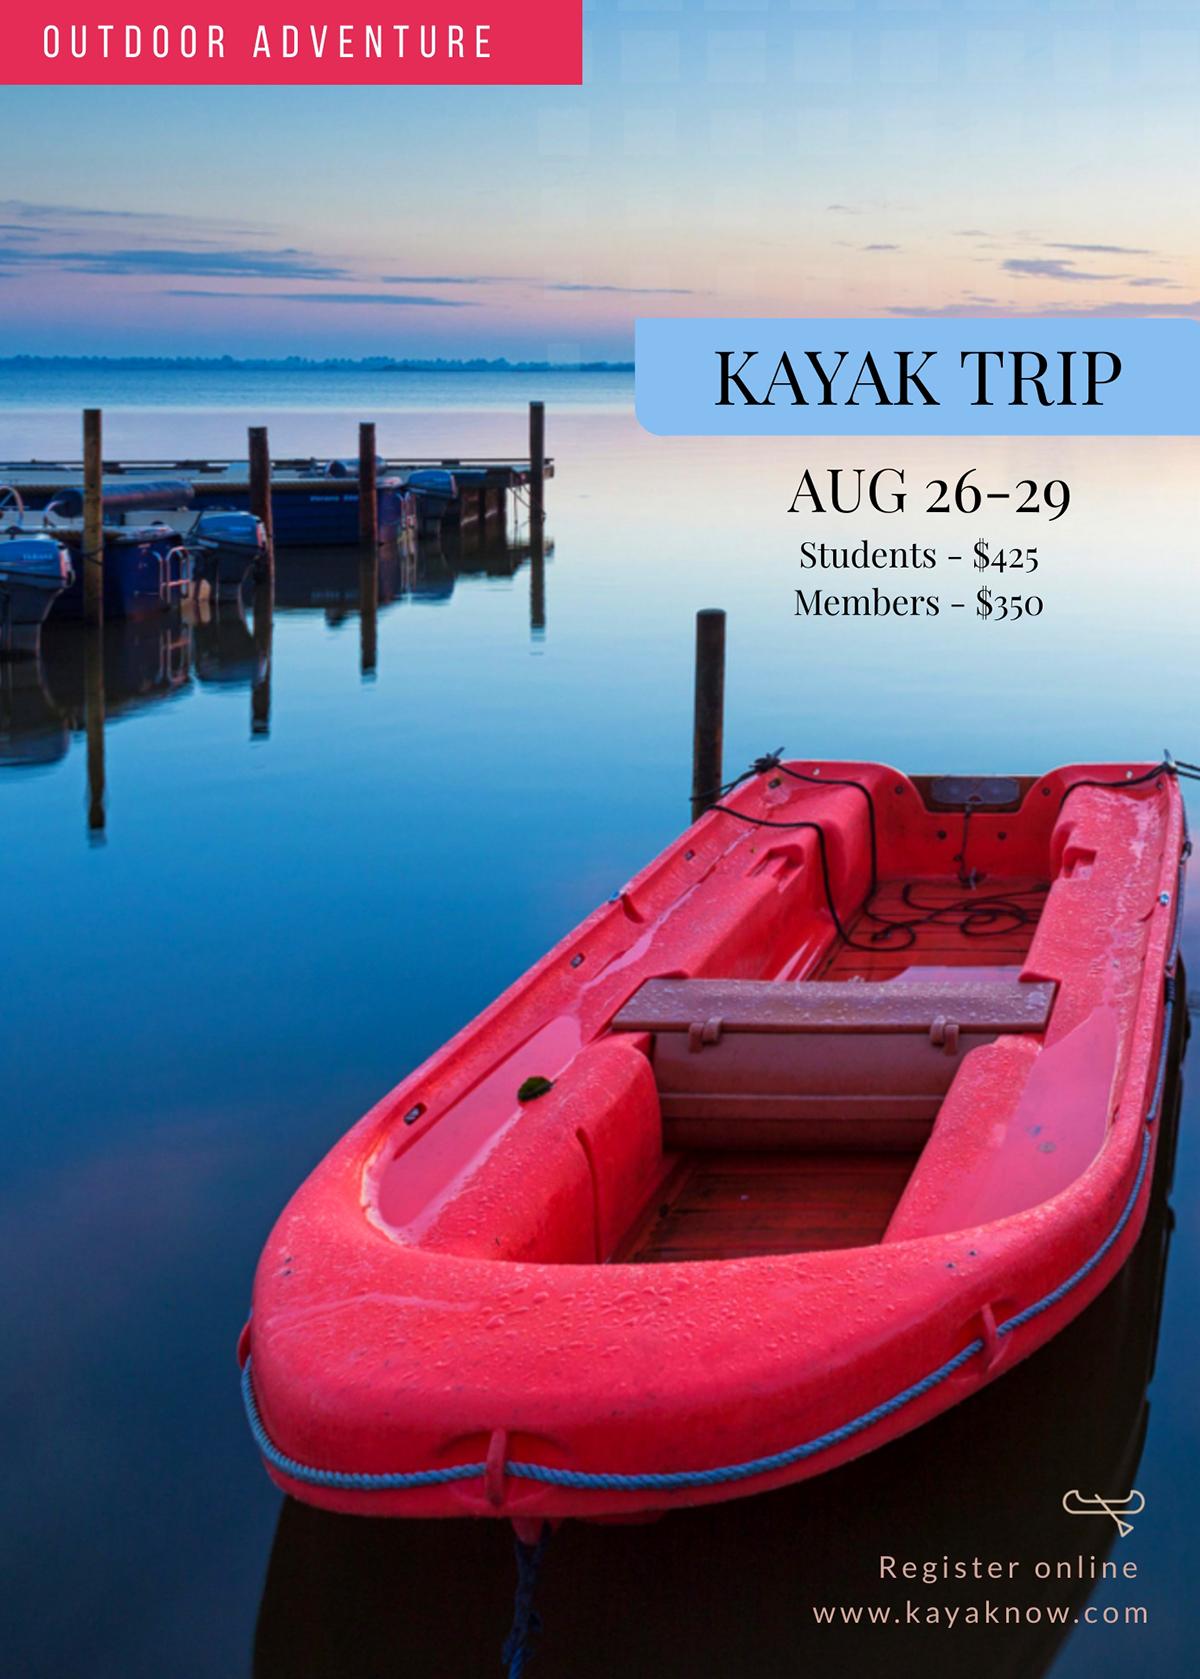 Serene Lake Flyer Background Image